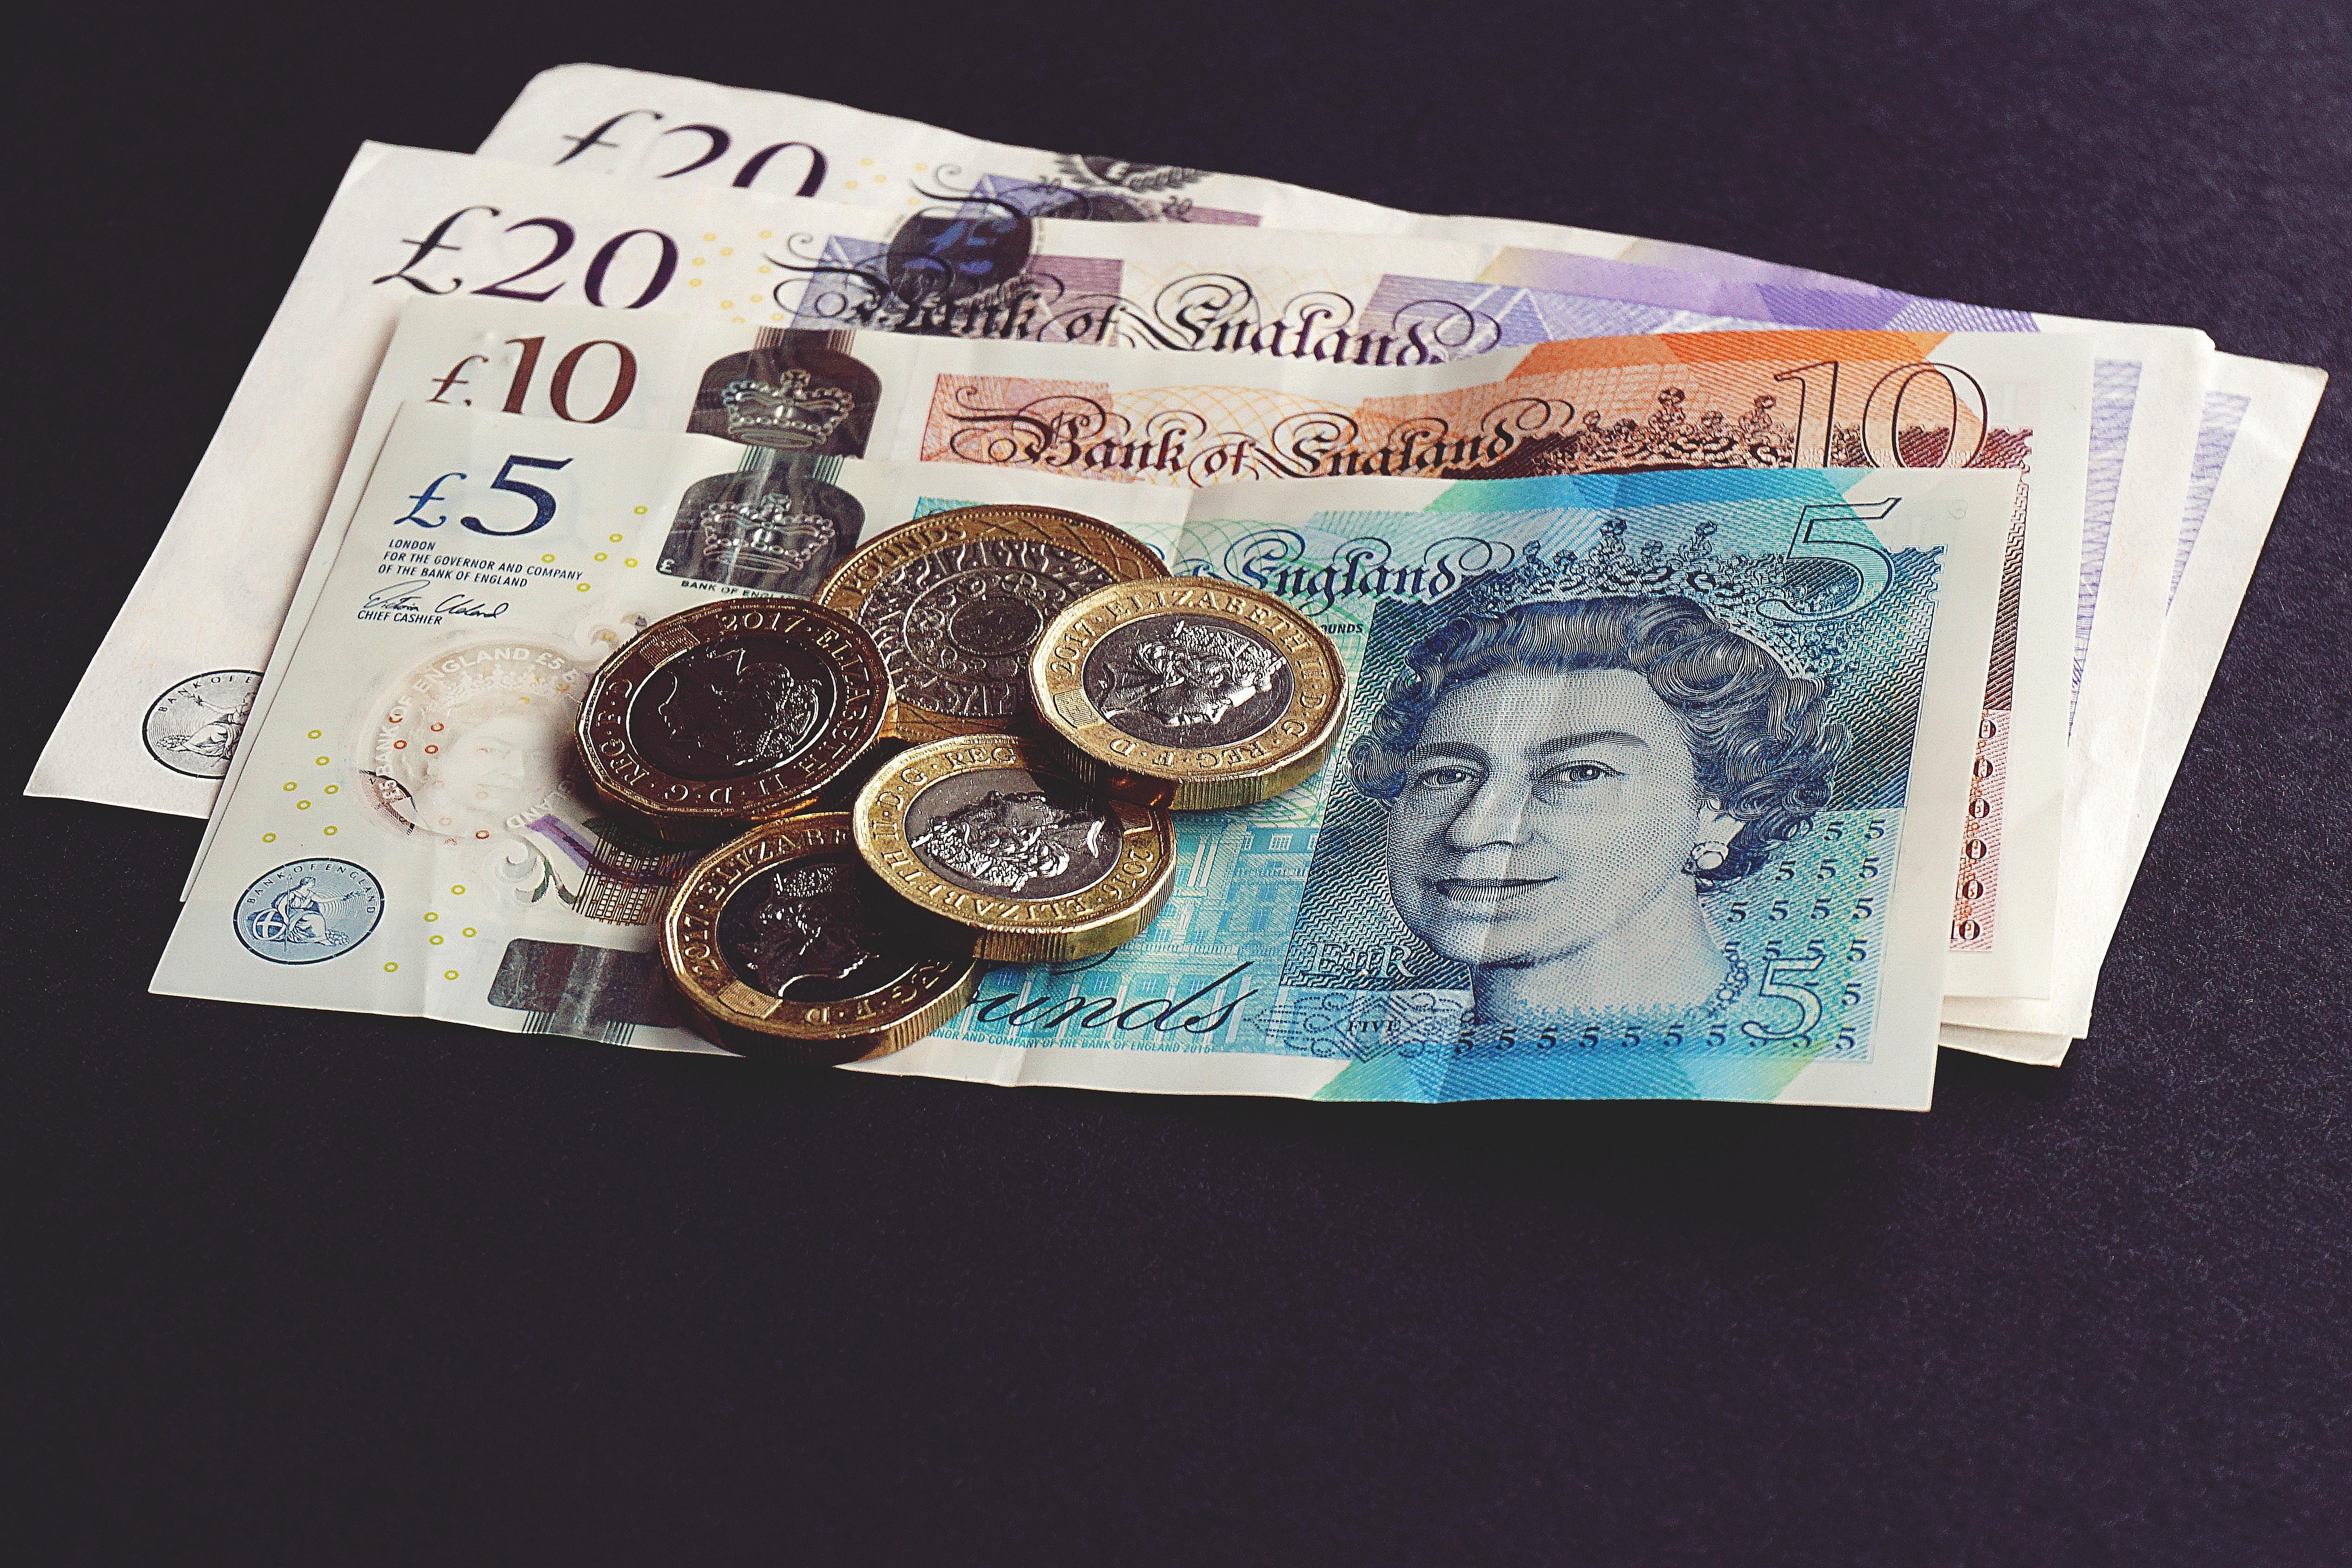 L'argent liquide connait un déclin au Royaume-Uni